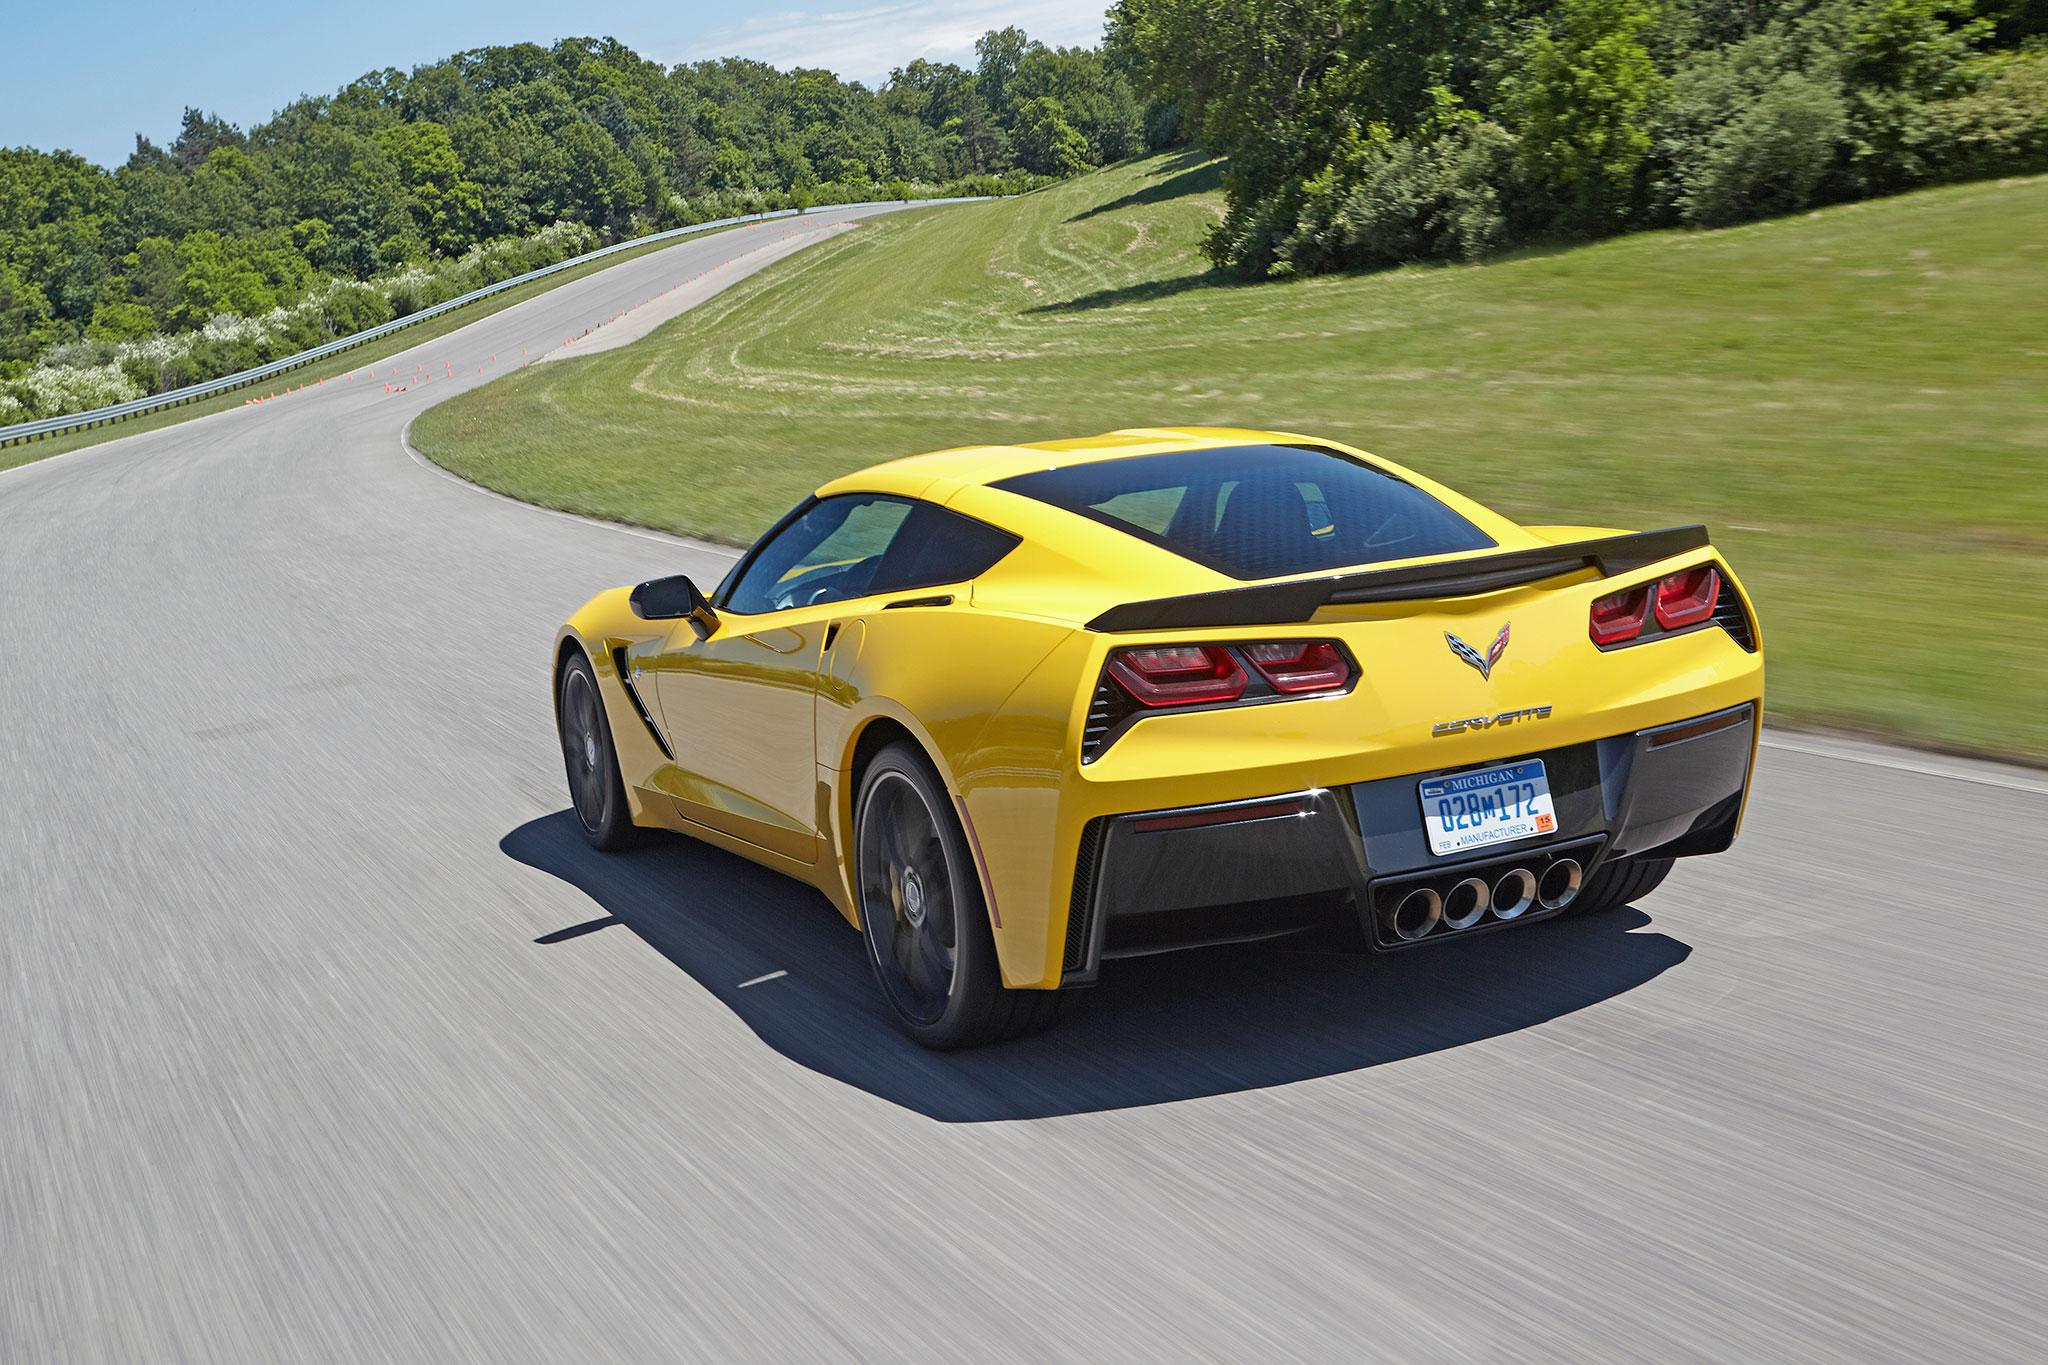 Gm Design Boss Chevrolet Corvette Will Influence Mainstream Styling